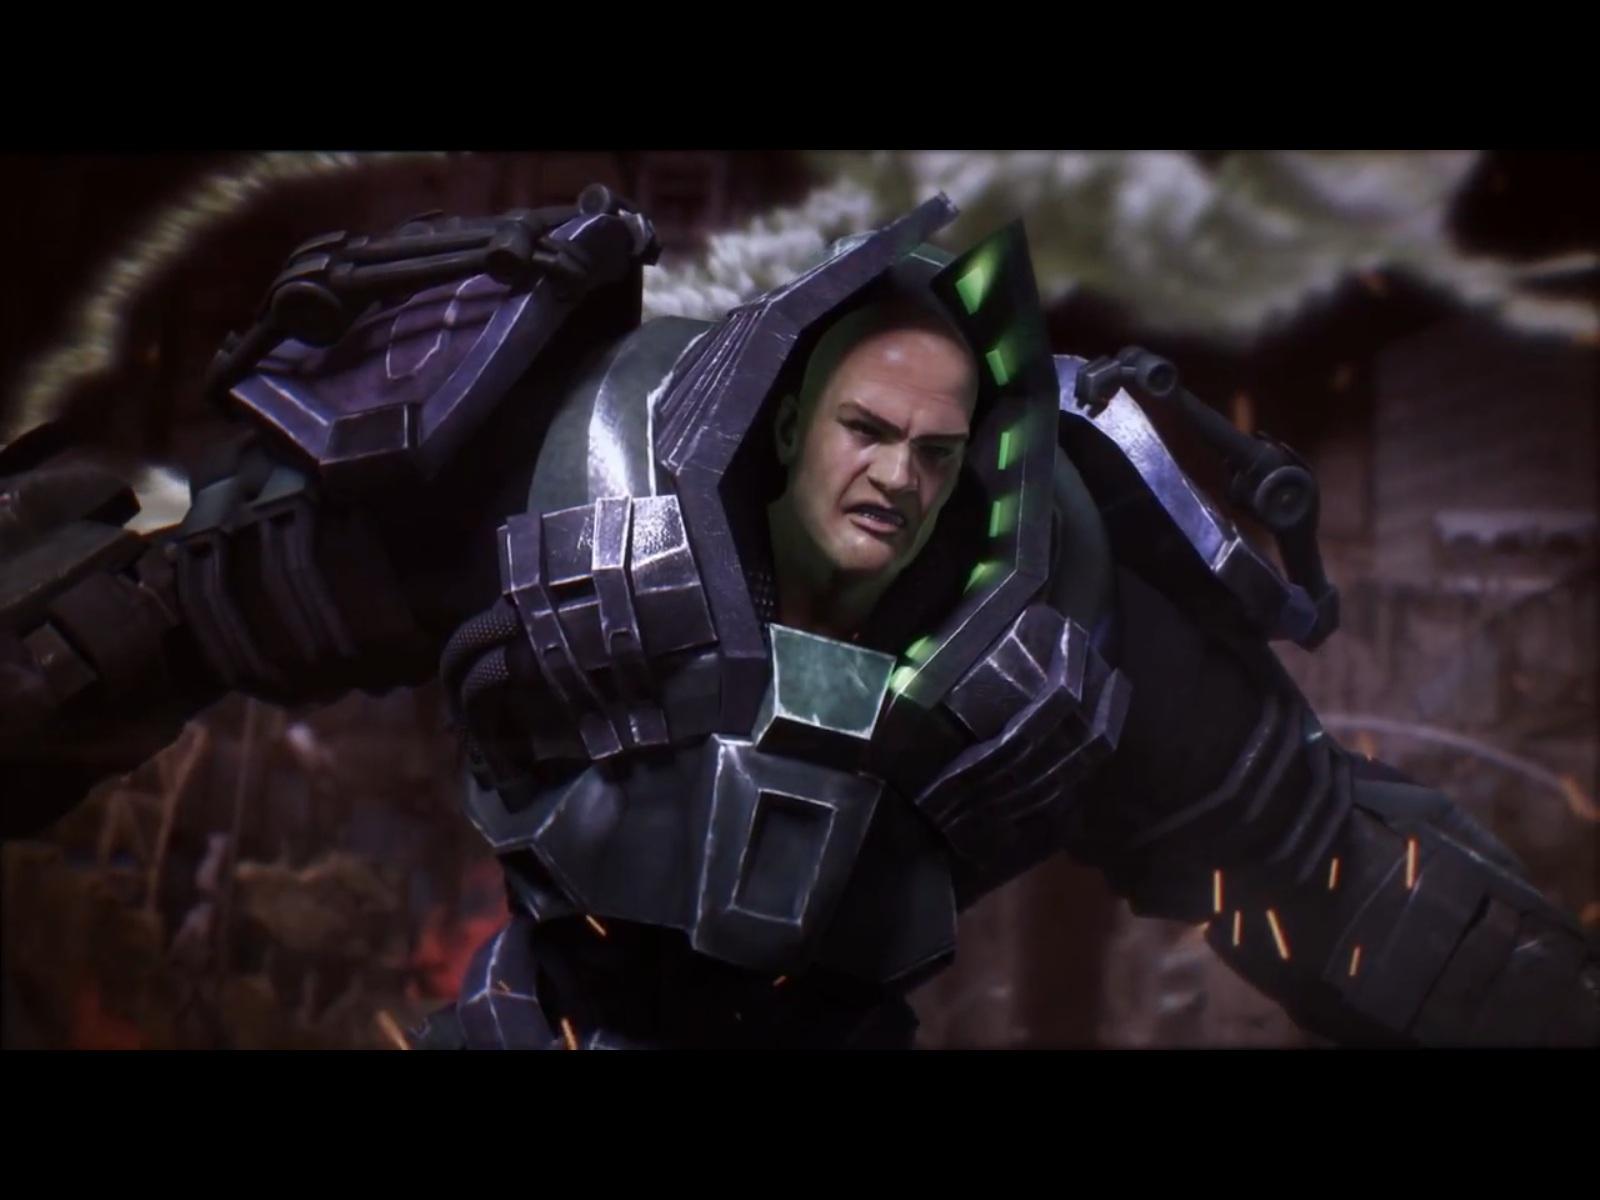 Lex Luthor é revelado em novo trailer de Injustice: Gods Among Us (Foto: Divulgação)